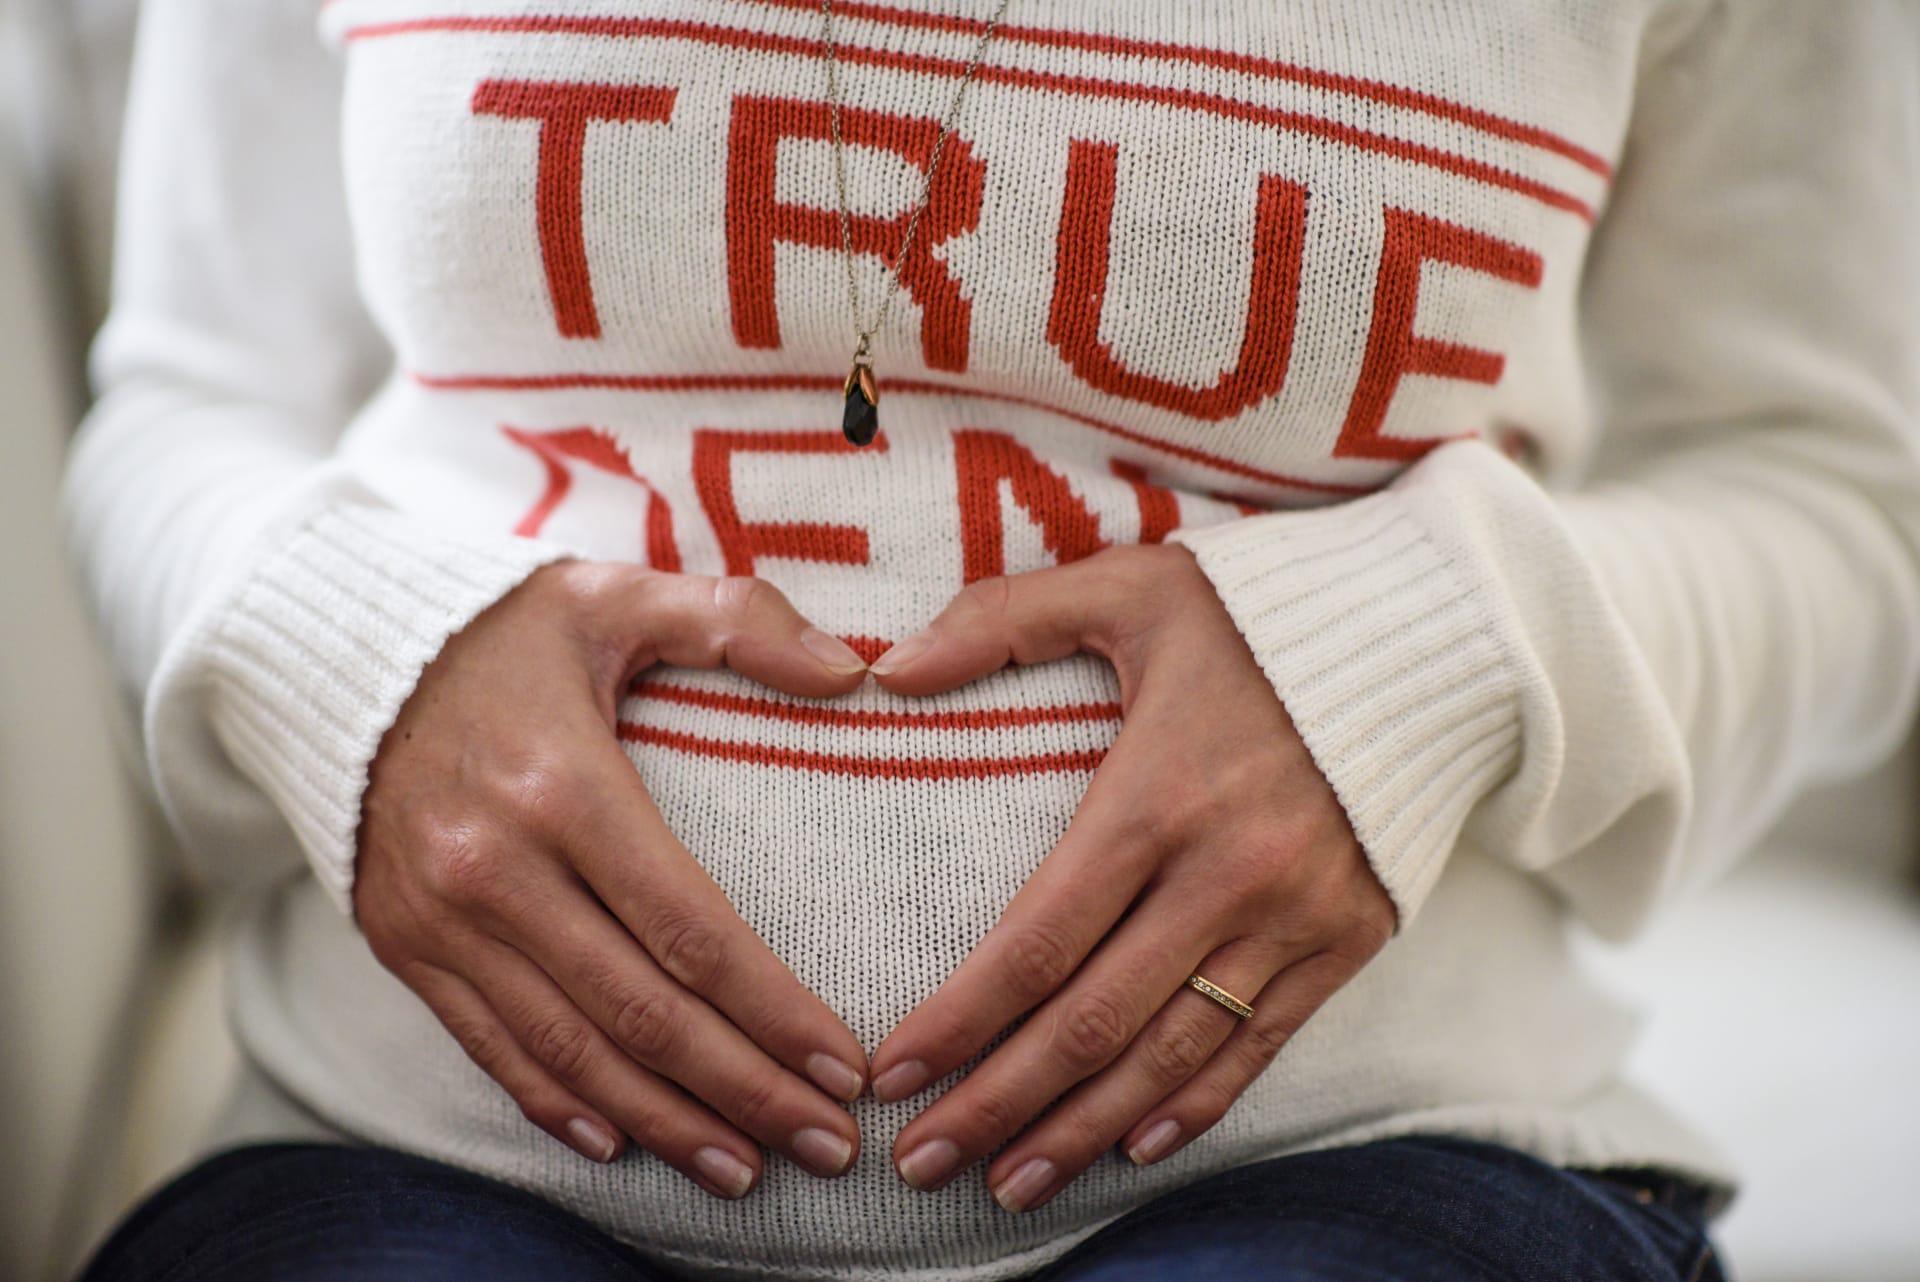 للمرأة الحامل... انتبهي من هذه المضاعفات المرتبطة بالولادة القيصرية